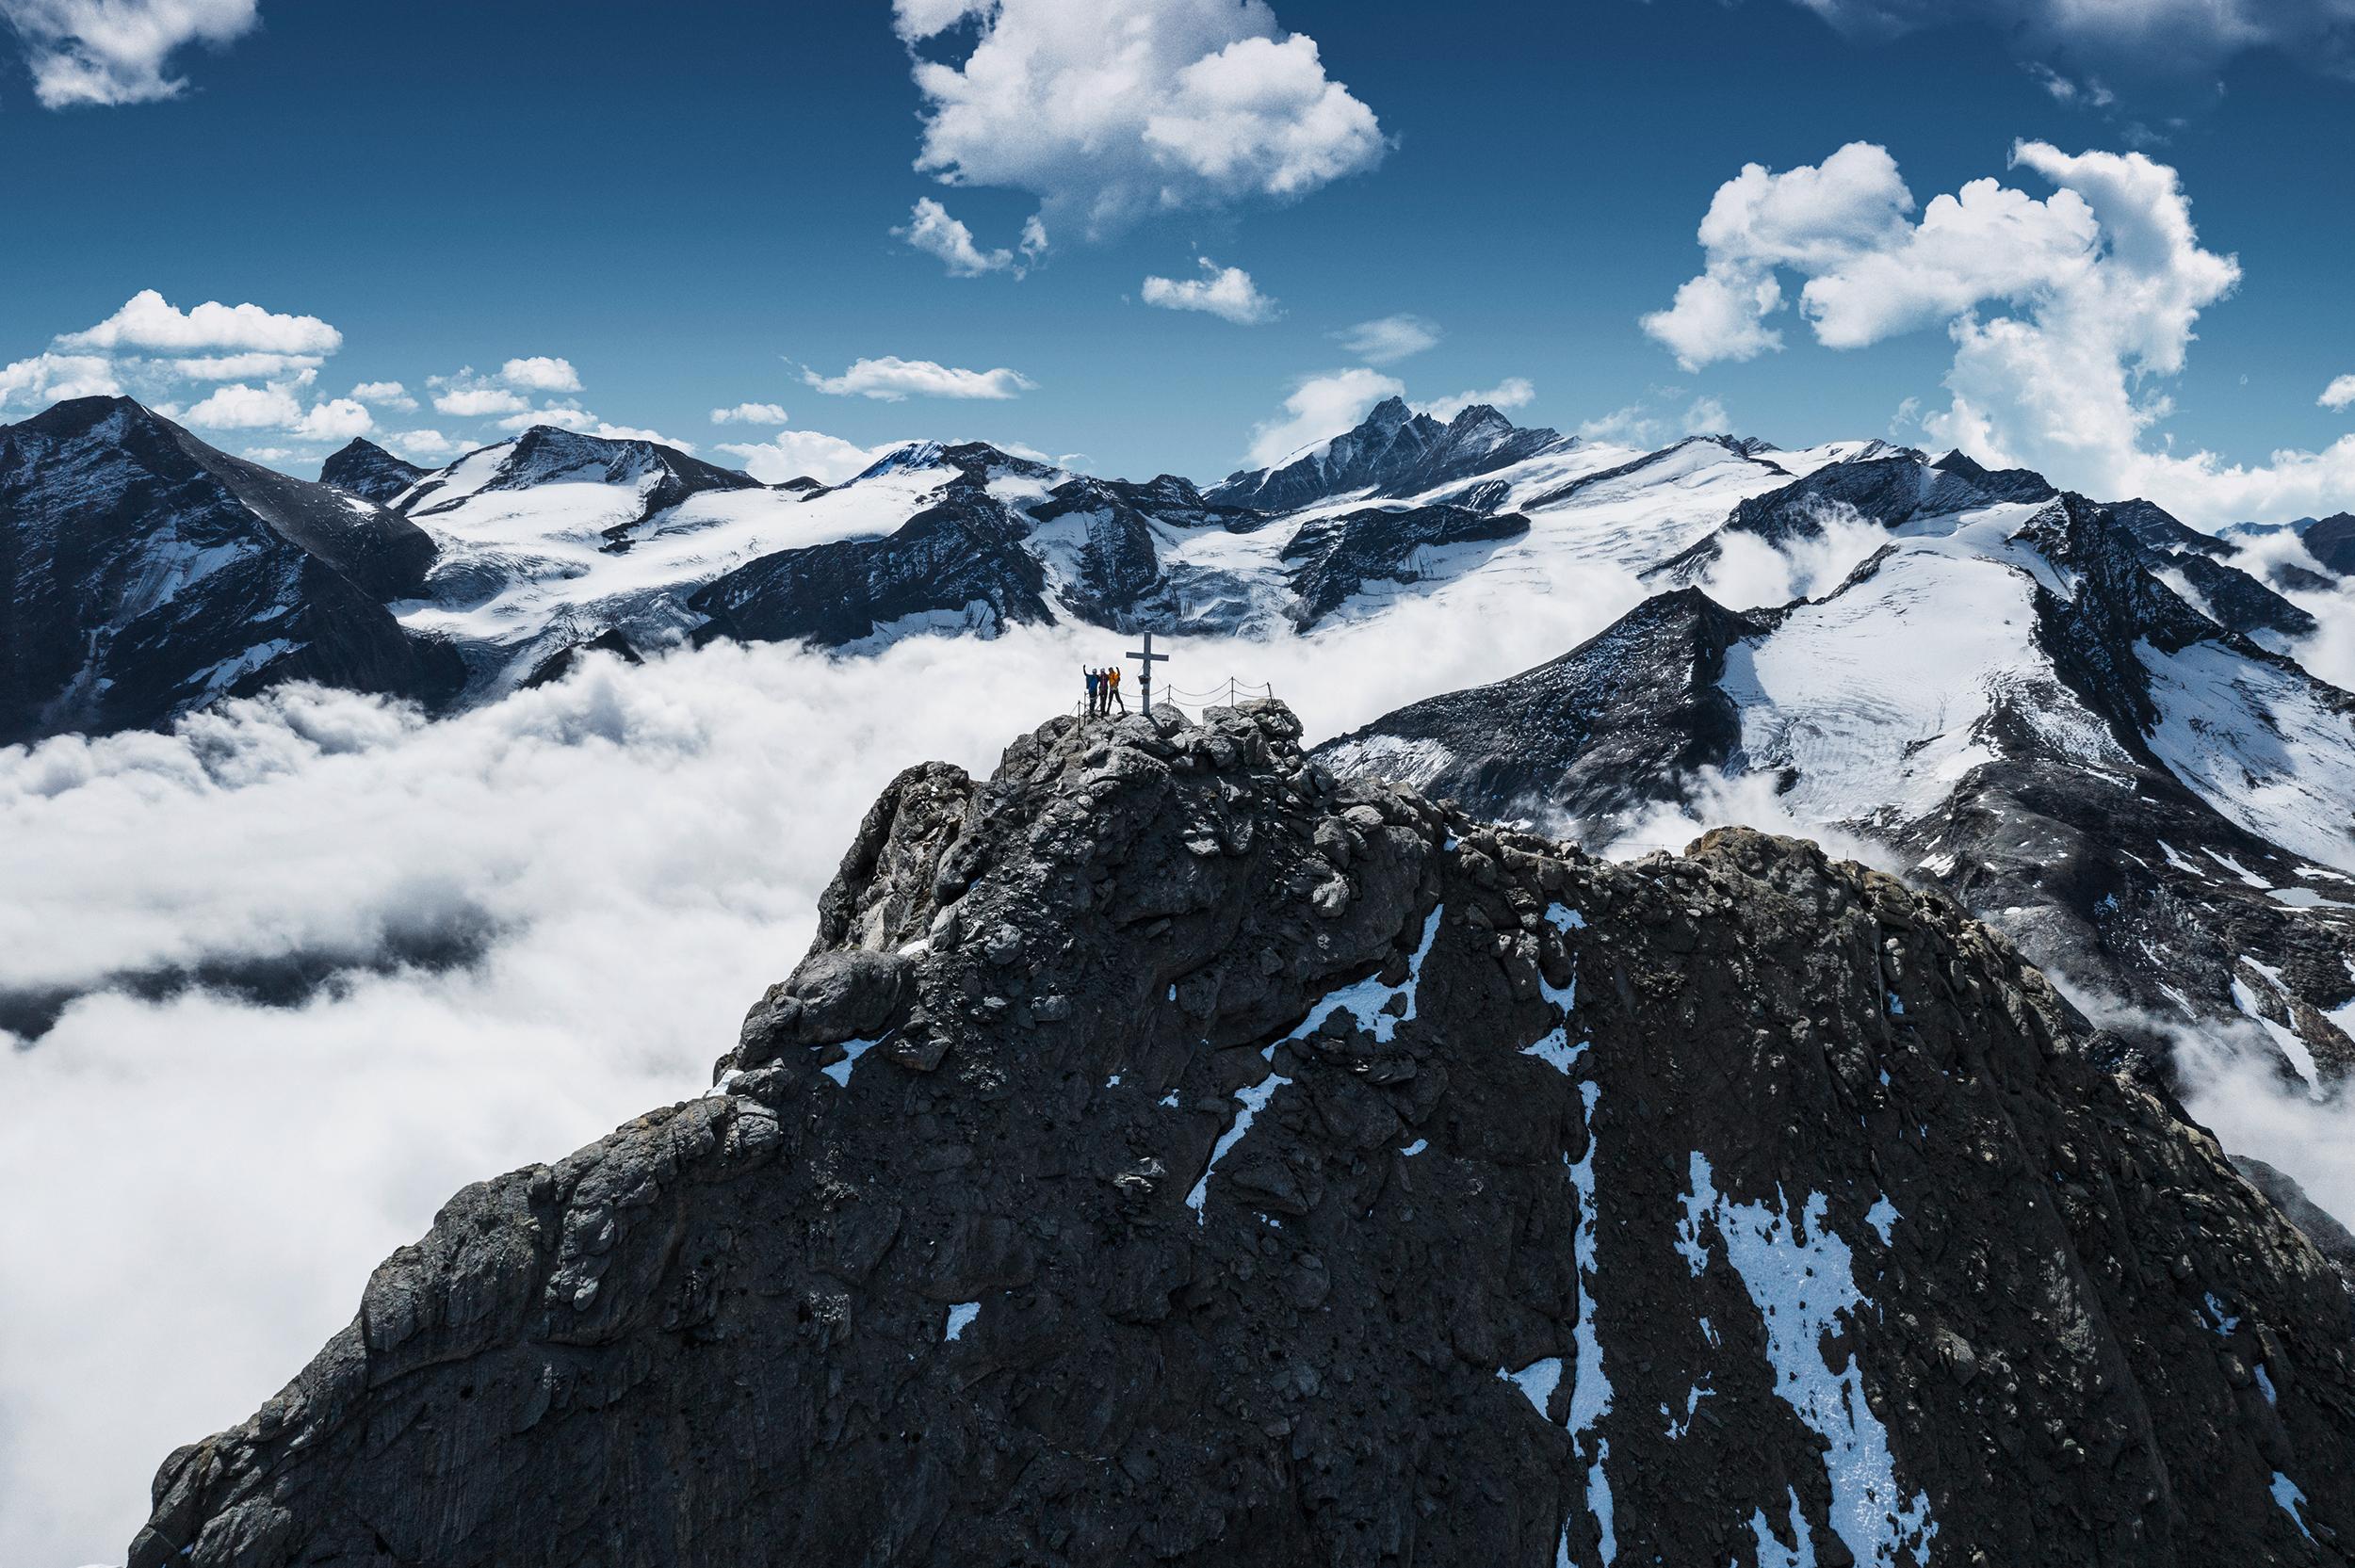 Geführte Besteigung des Gipfels Kitzsteinhorn